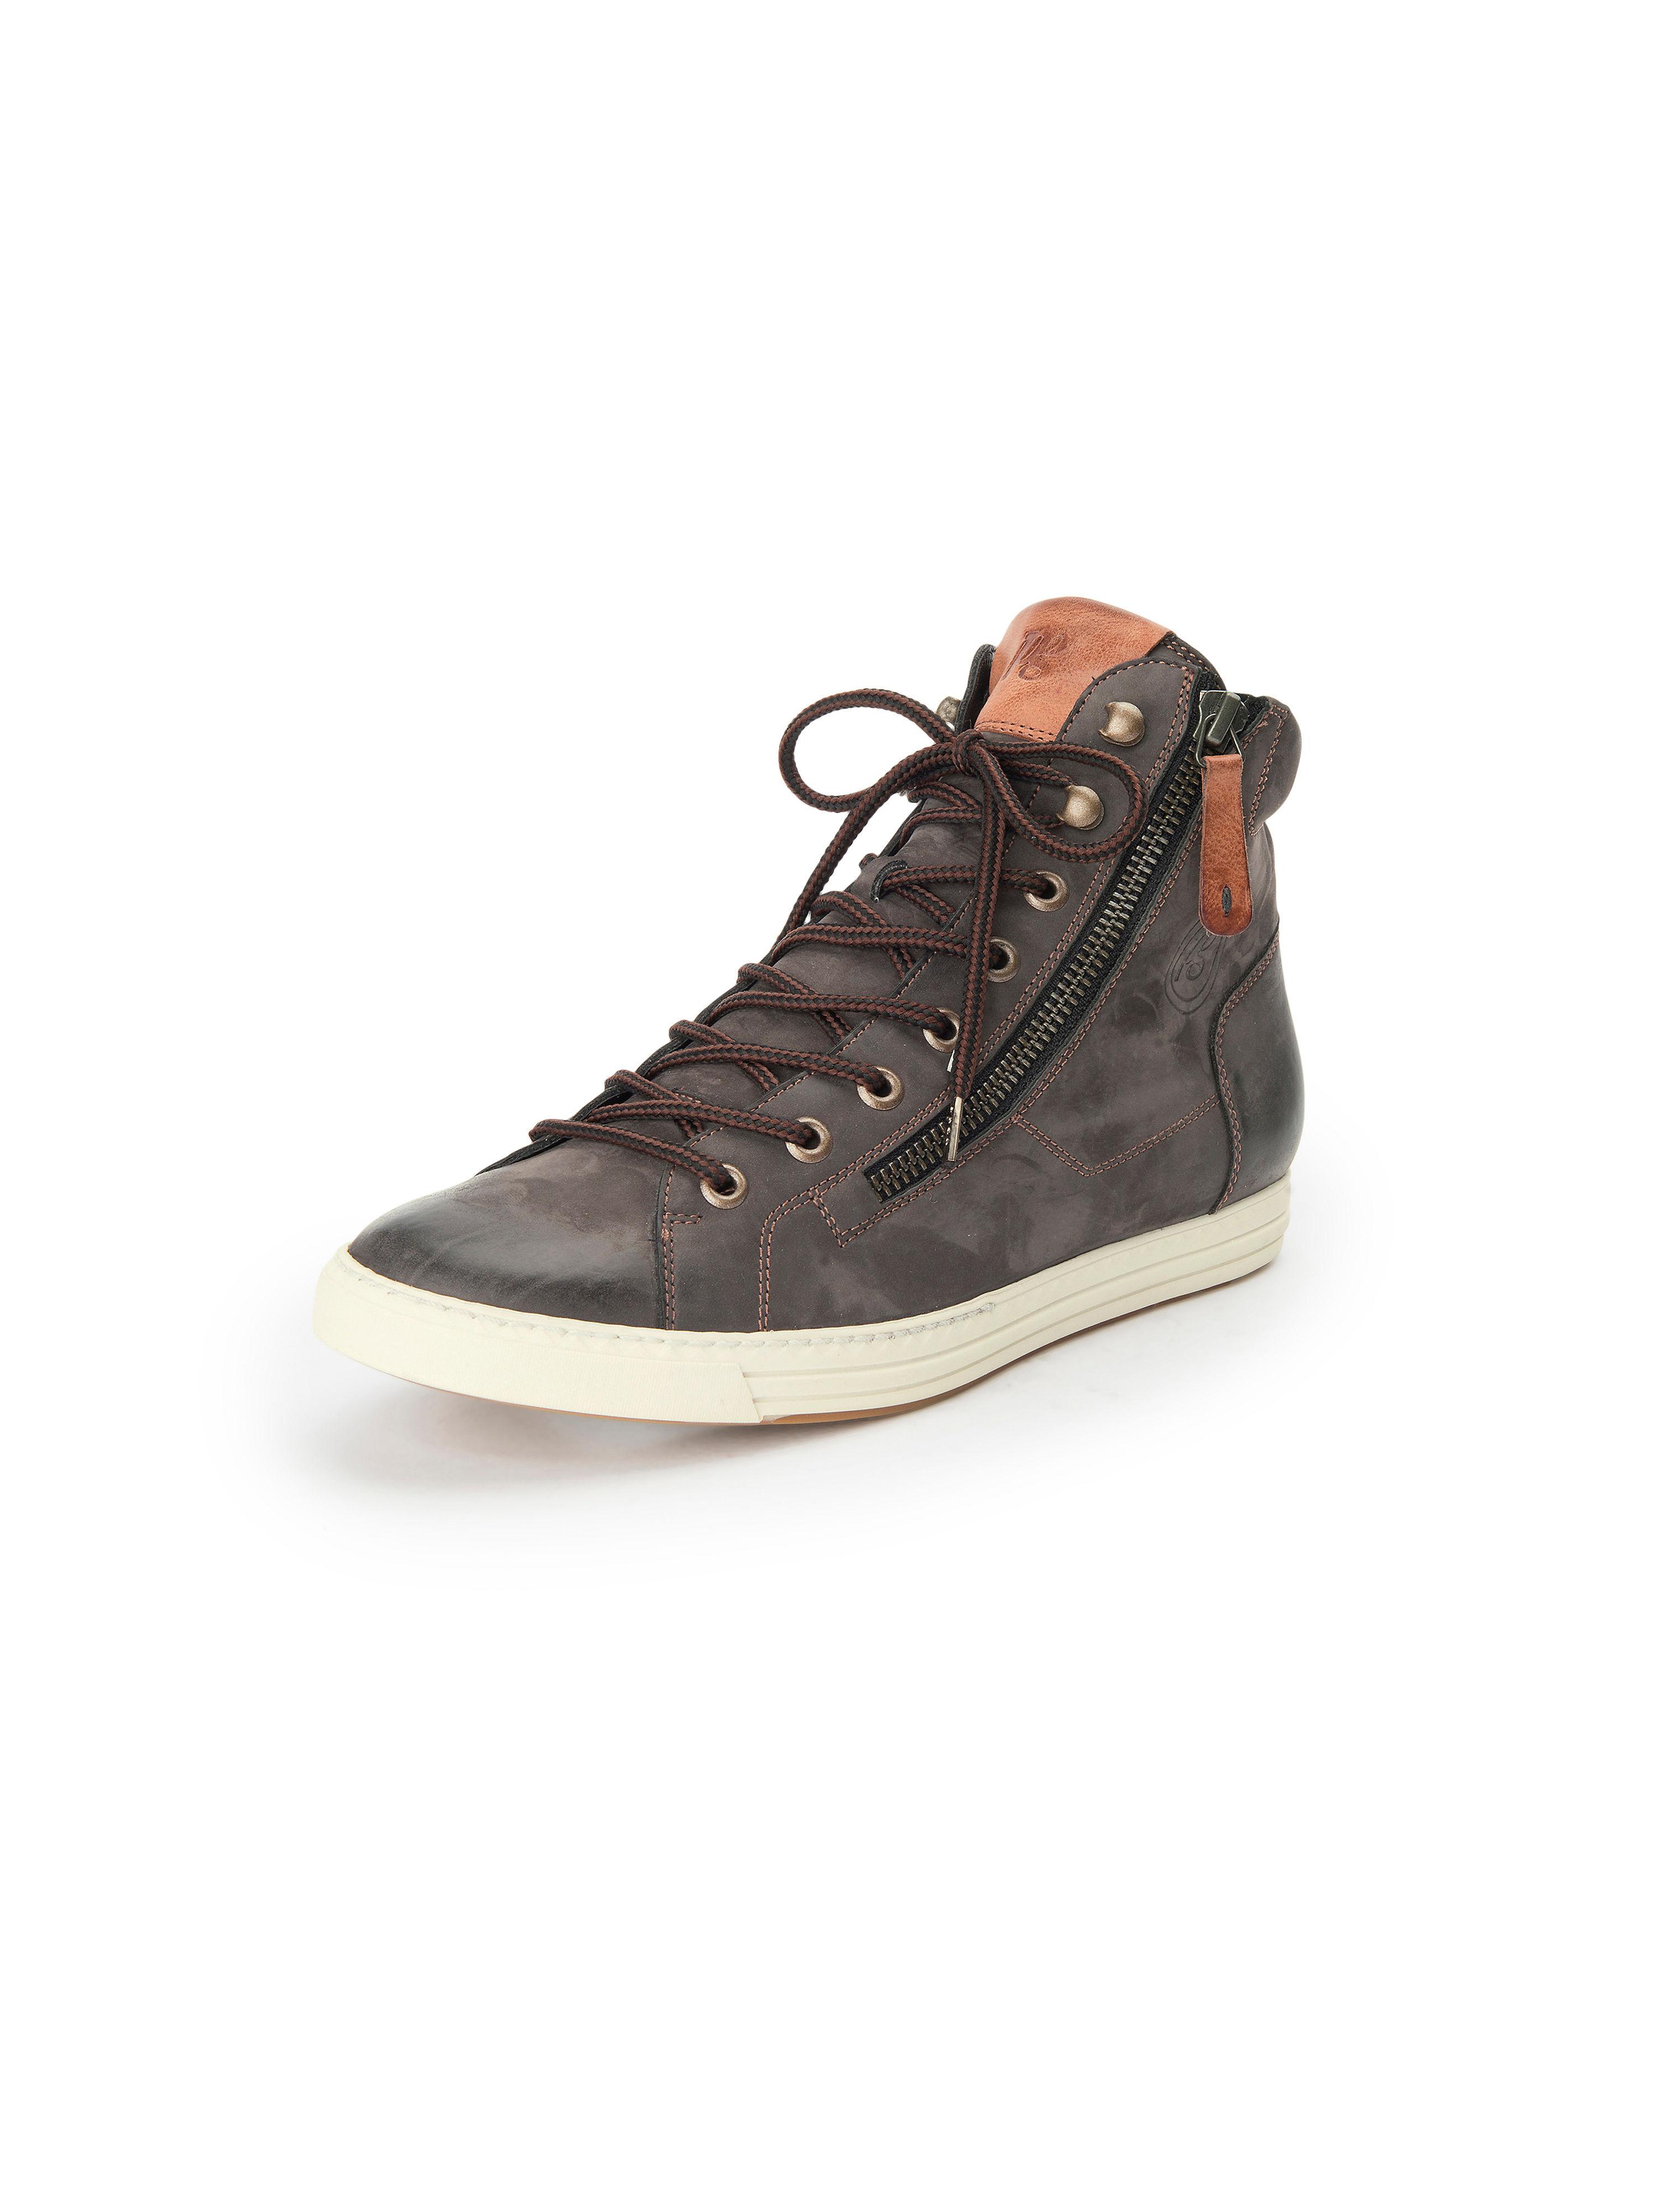 Image of   Ankelhøje sneakers Fra Paul Green grå